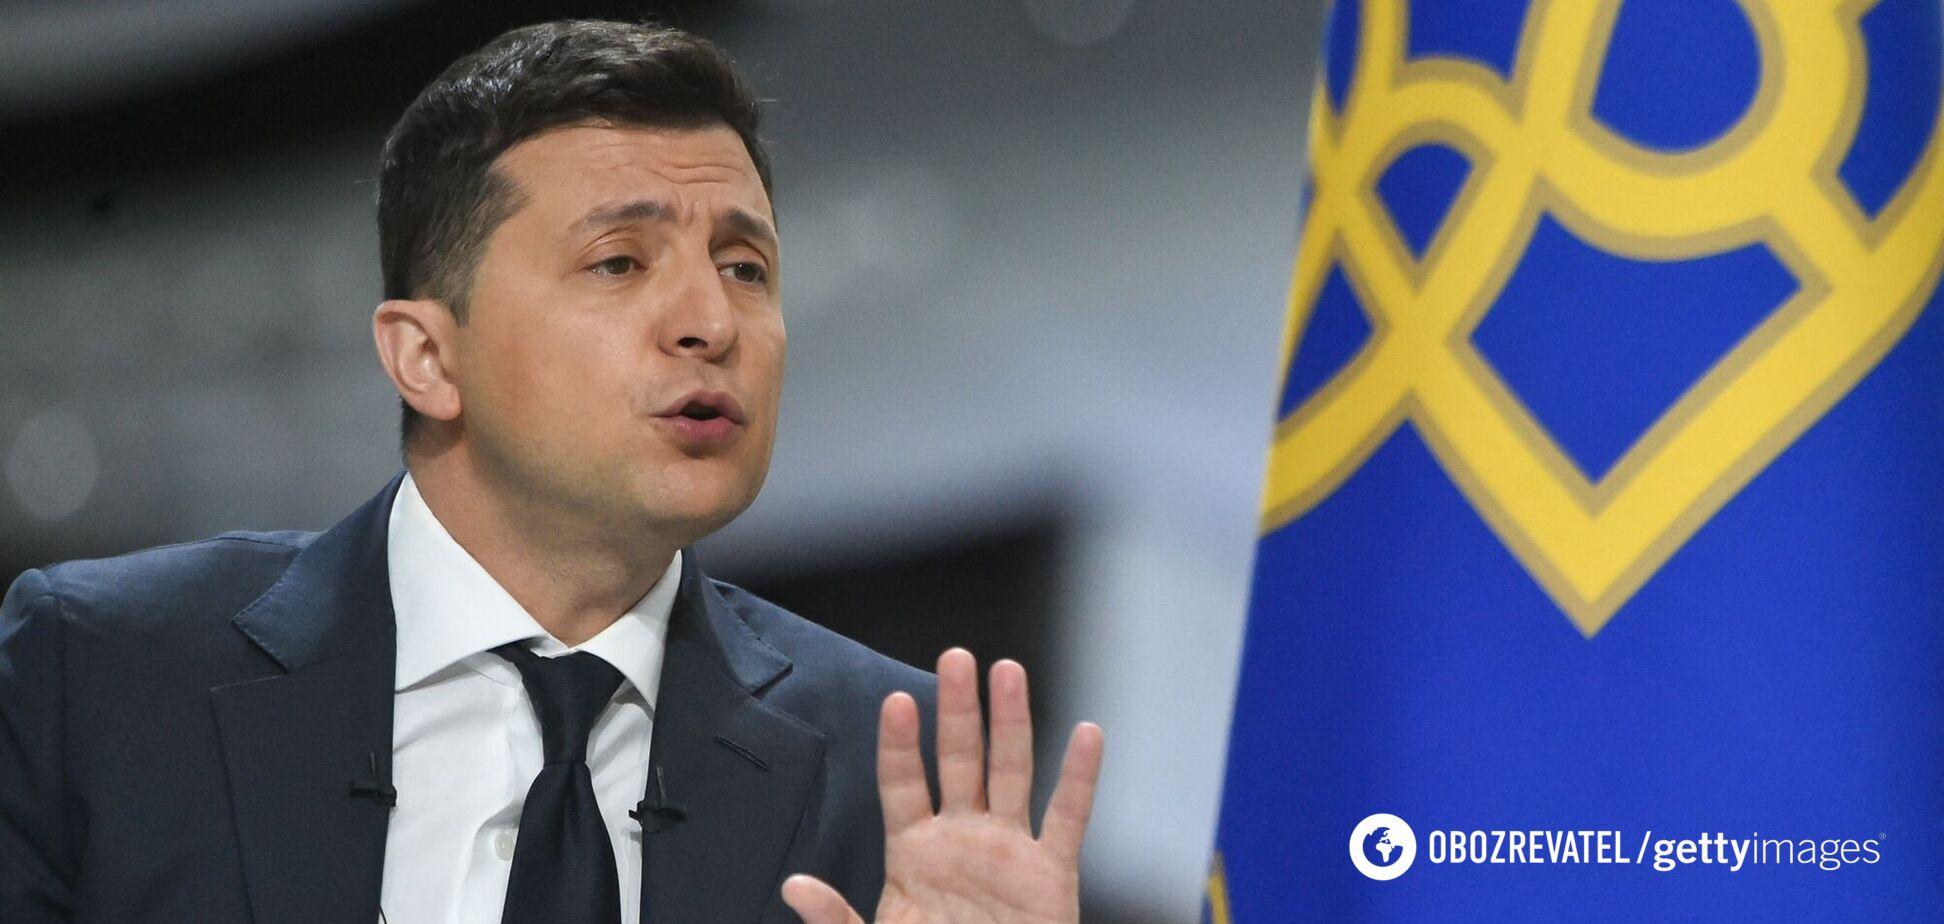 Росія позбавить Україну транзиту газу після запуску 'Північного потоку-2', – Зеленський